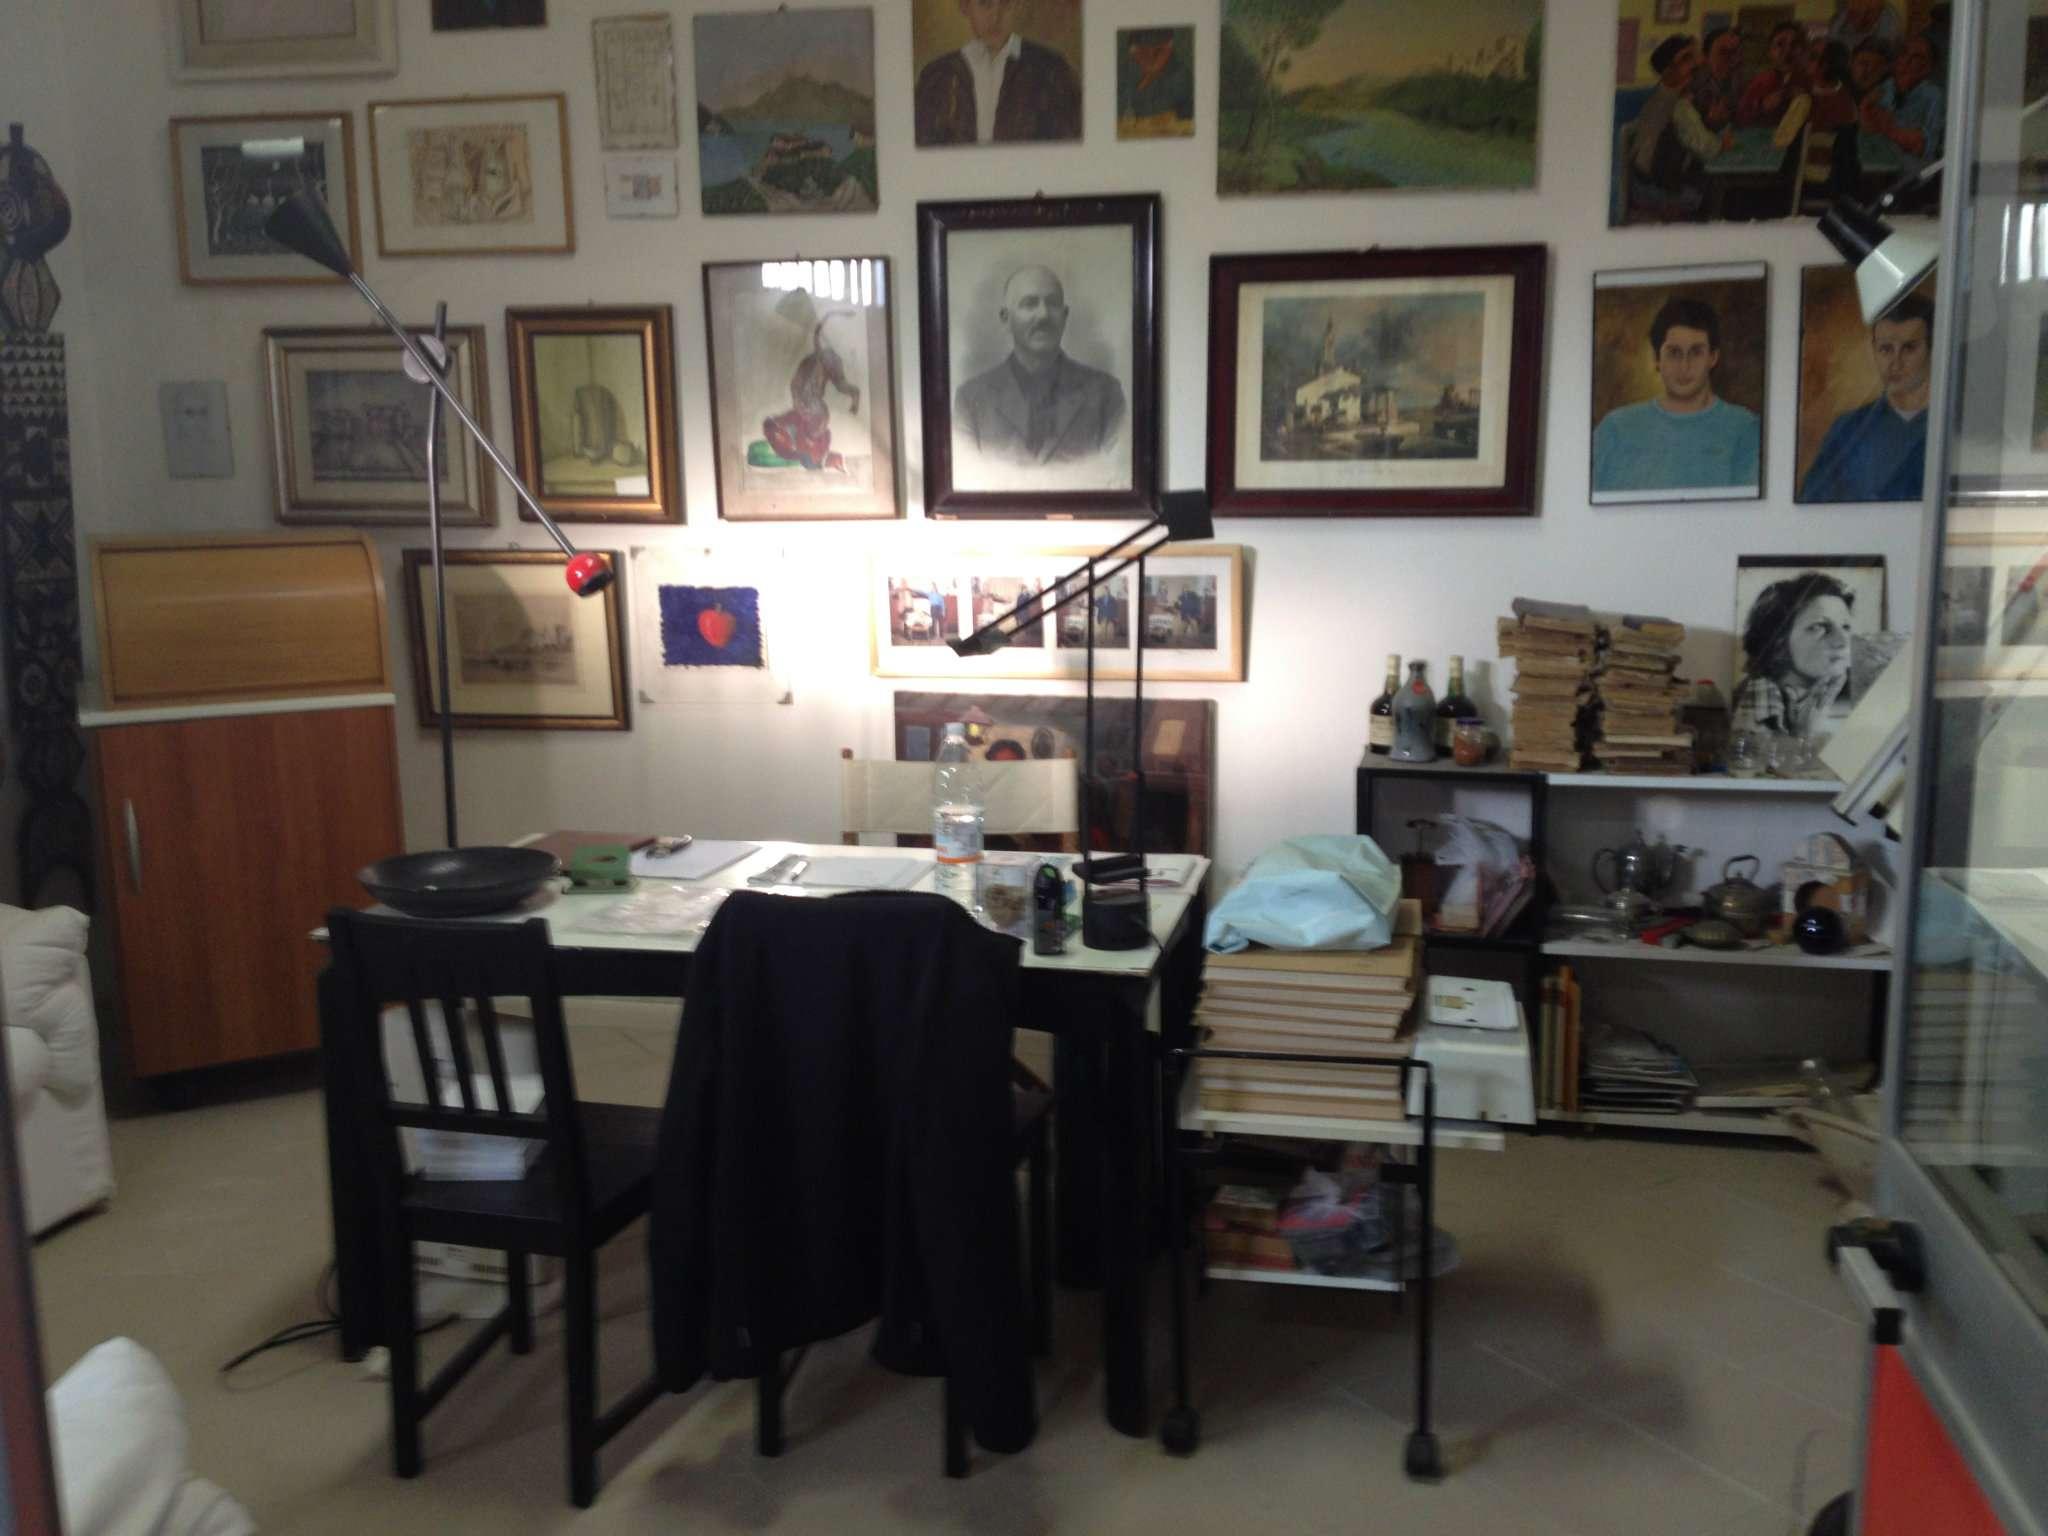 Laboratorio in vendita a Viadana, 9999 locali, prezzo € 75.000 | CambioCasa.it